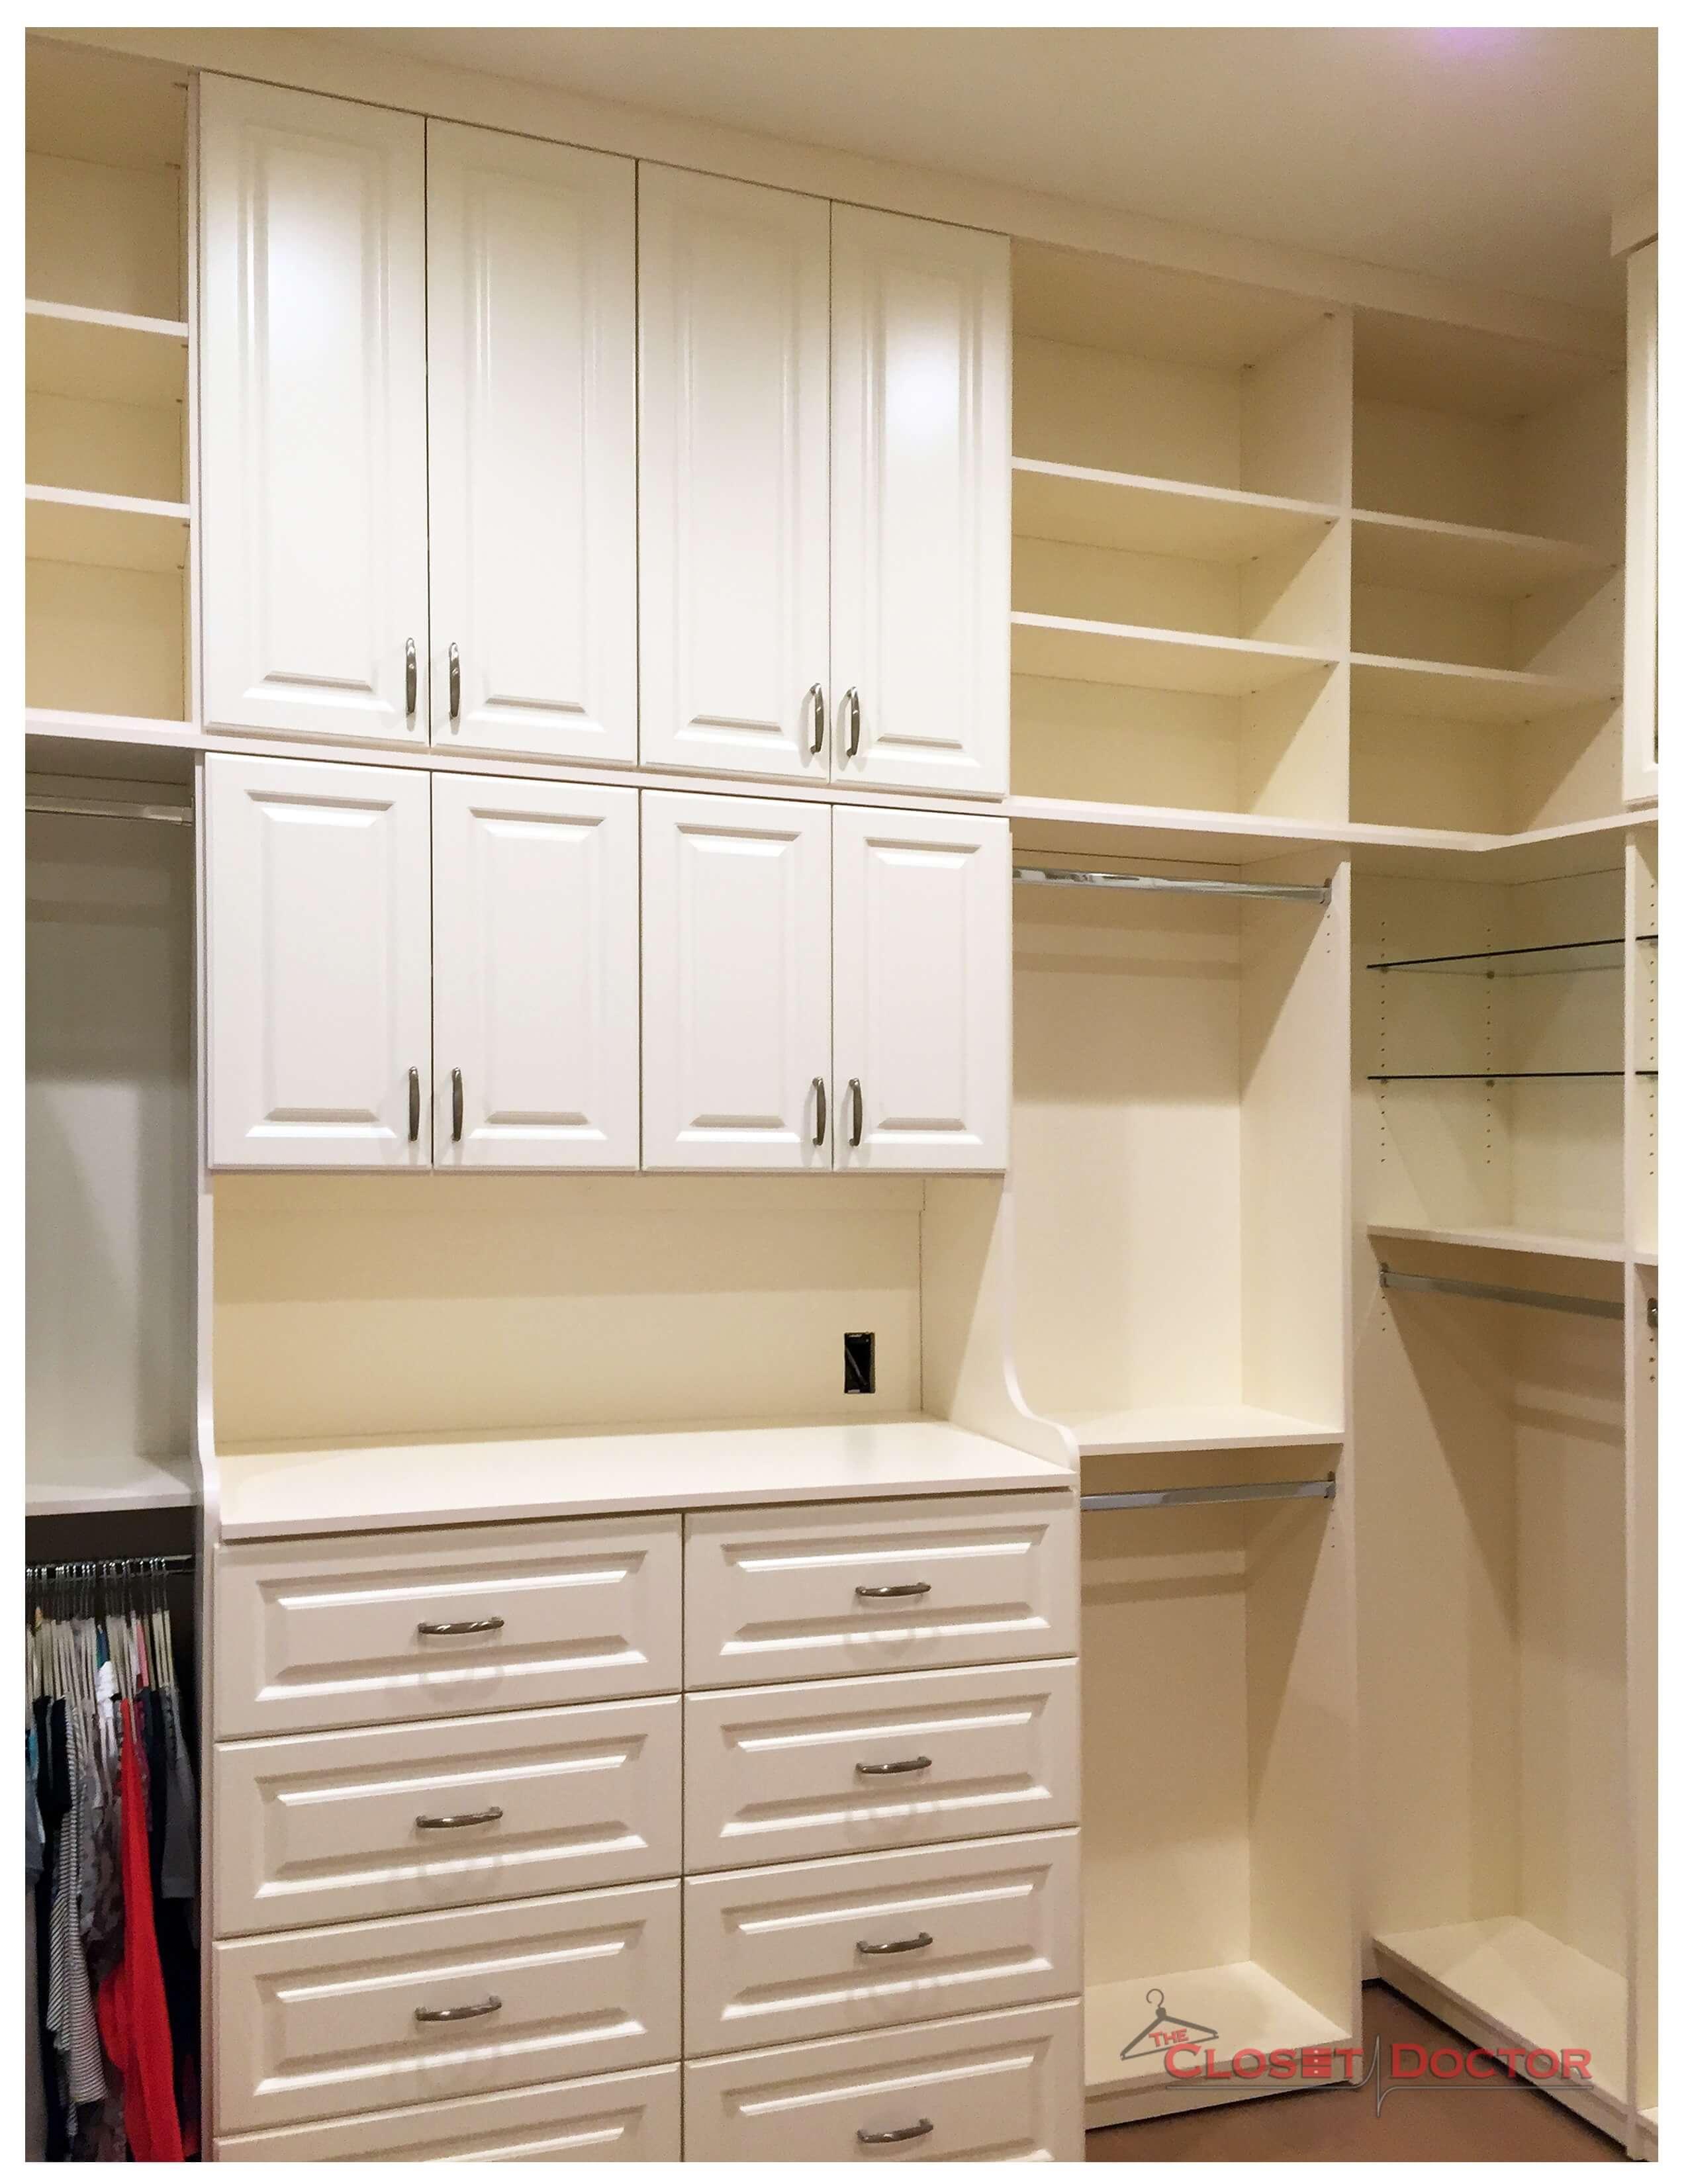 An Extra Tall, Antique White, El dorado hills dream closet ? Image 2